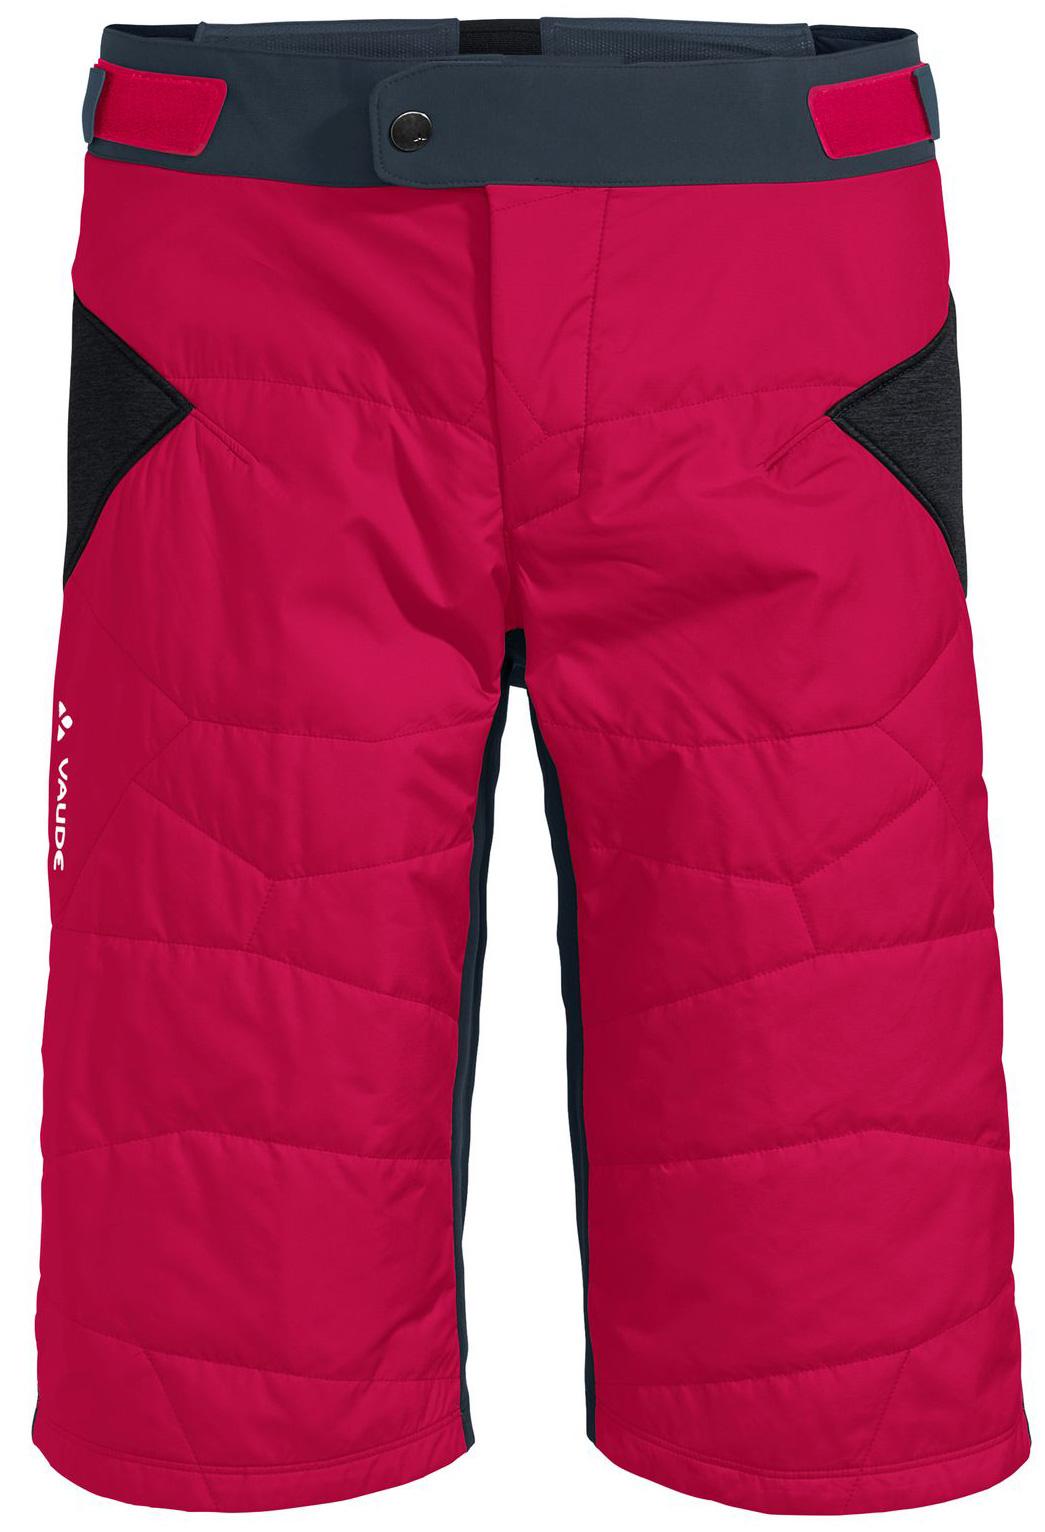 Vaude Minaki Shorts III Unisex - cranberry/steelblue